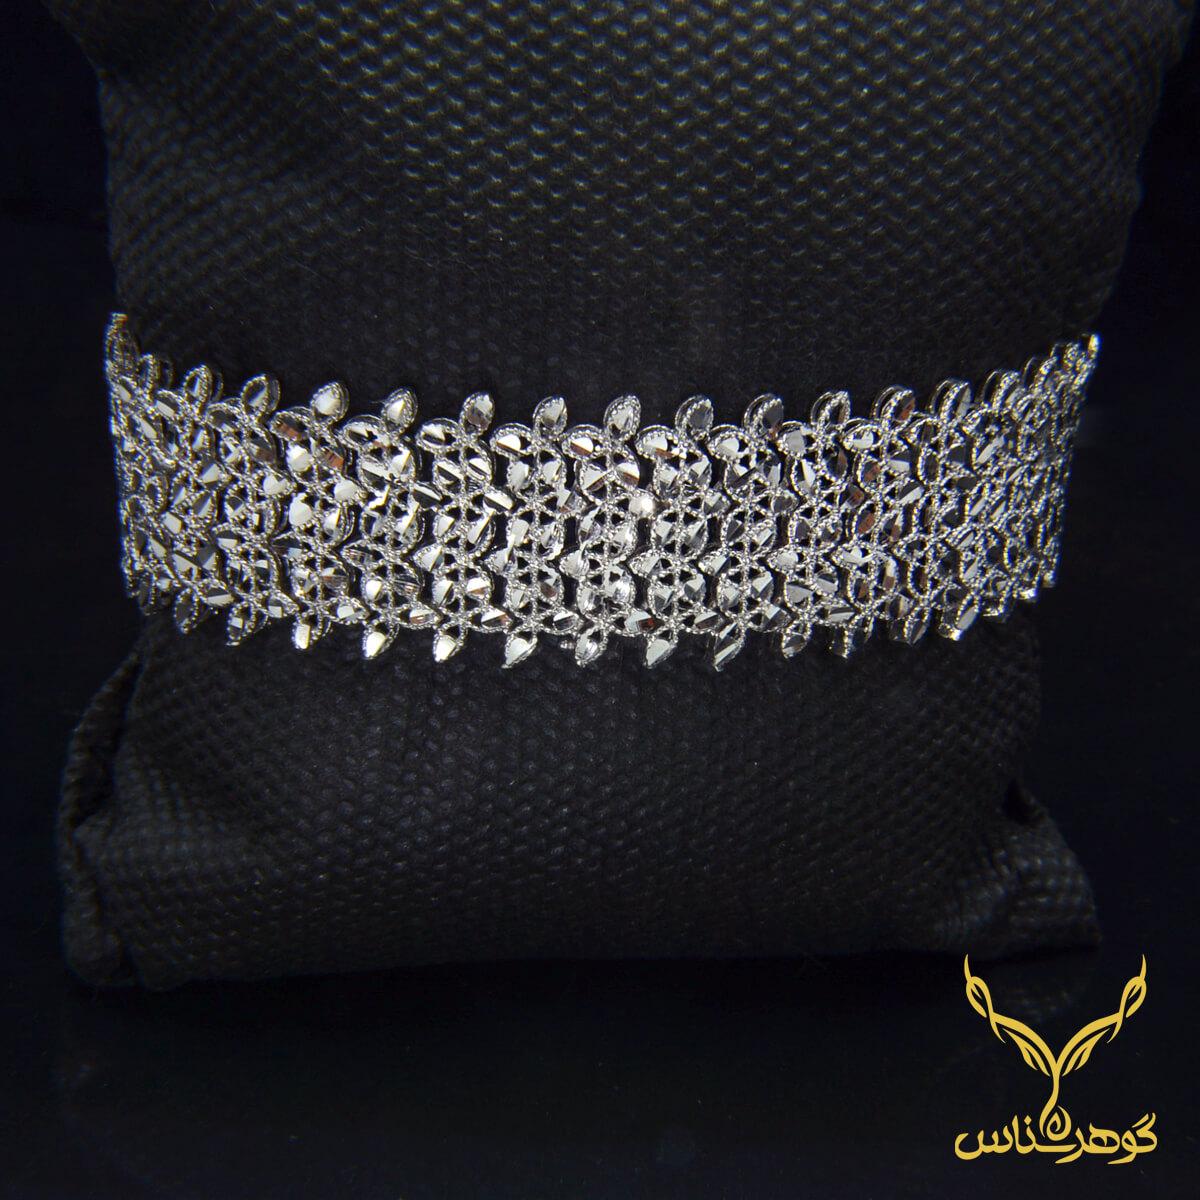 دستبند نقرهcc008 دستبند نقرهcc008 طرح زیتون این دستبند بسیار زیبا با طرحی همانند برگ های زیتون که دارد به طرح زیتون معروف هست. پهنی و سنگینی وزن این دستبند این کار را بسیار شیبه به طلا کرده و میتواند انتخابی شابرای شما باشد.